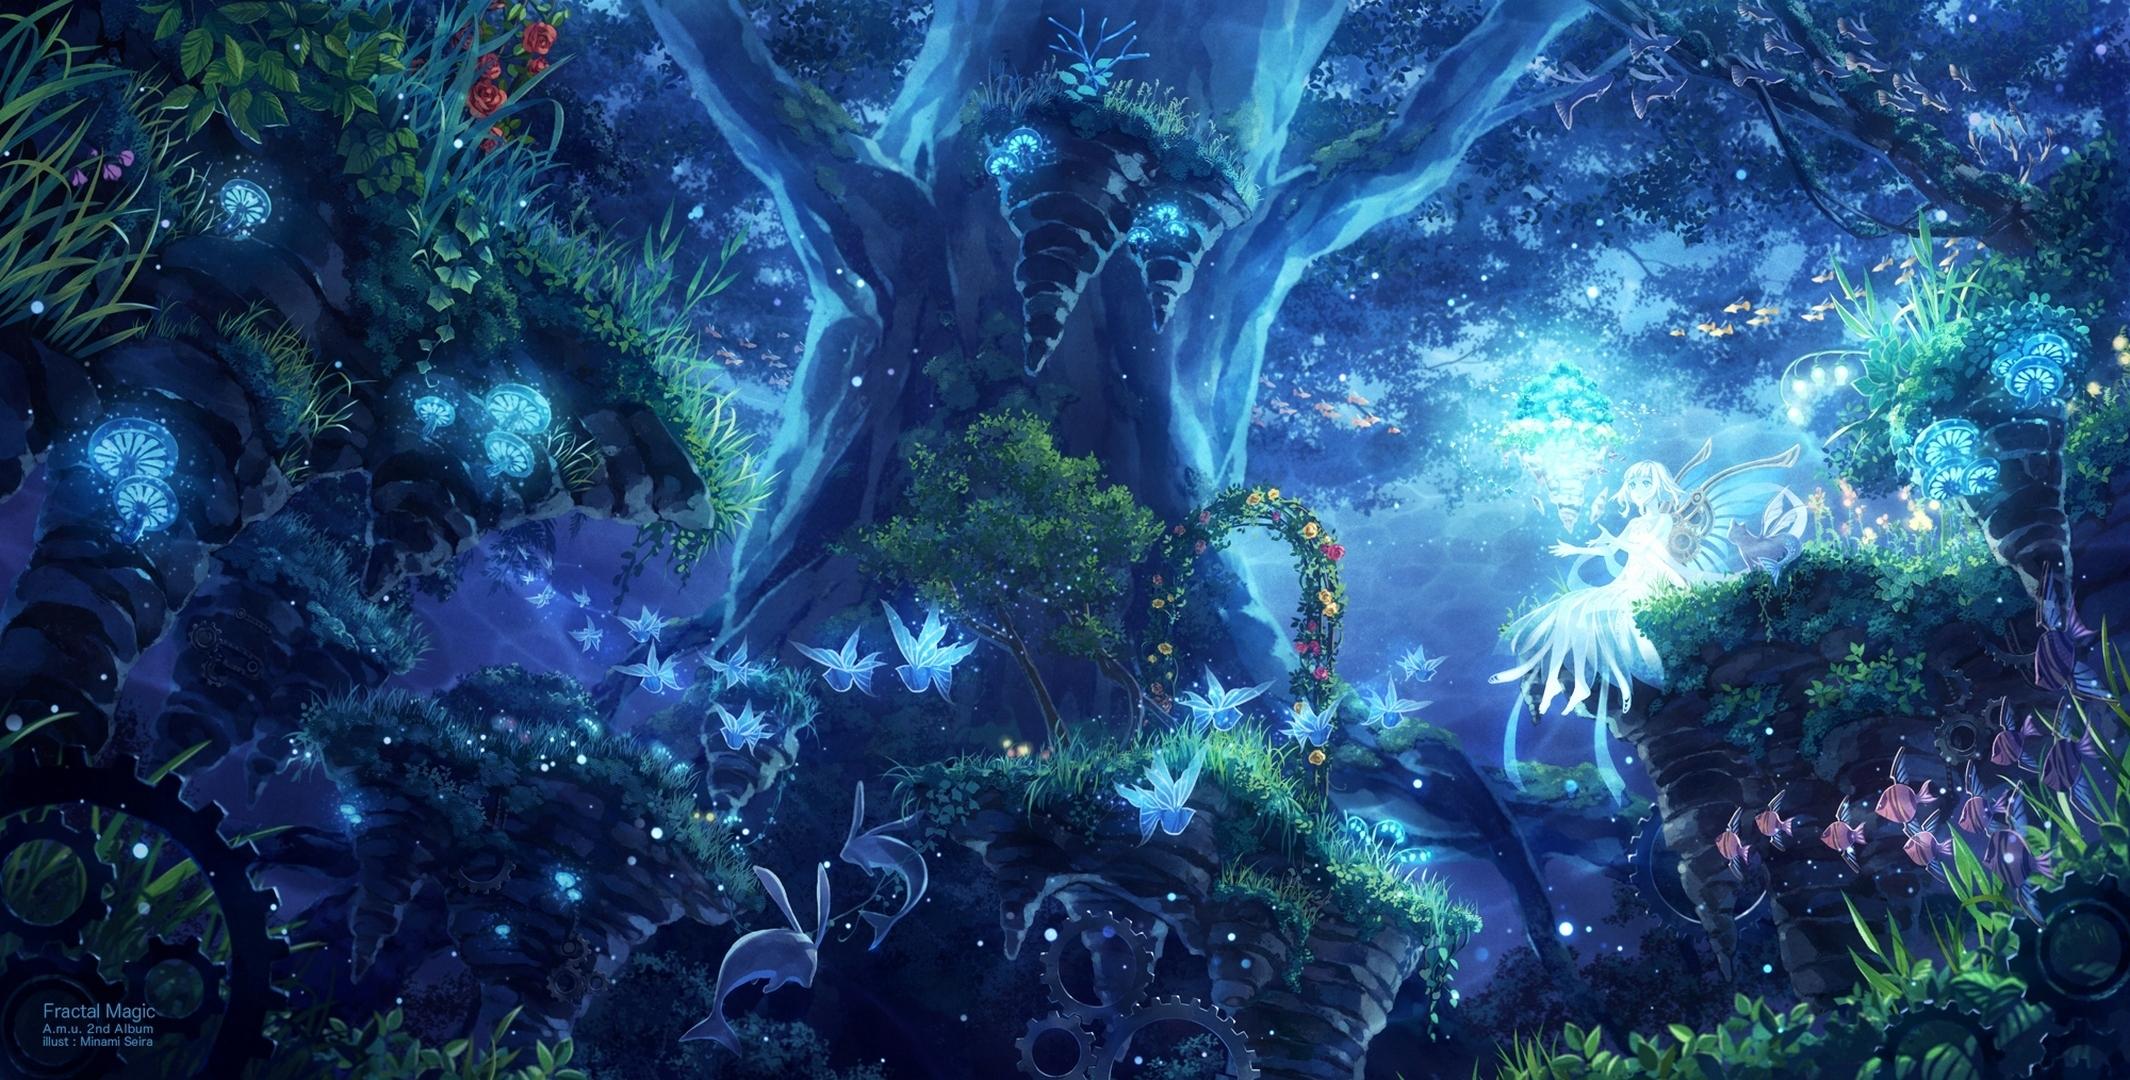 http://hdw datawallpaper com/anime/fantasy-forest-328633 jpg